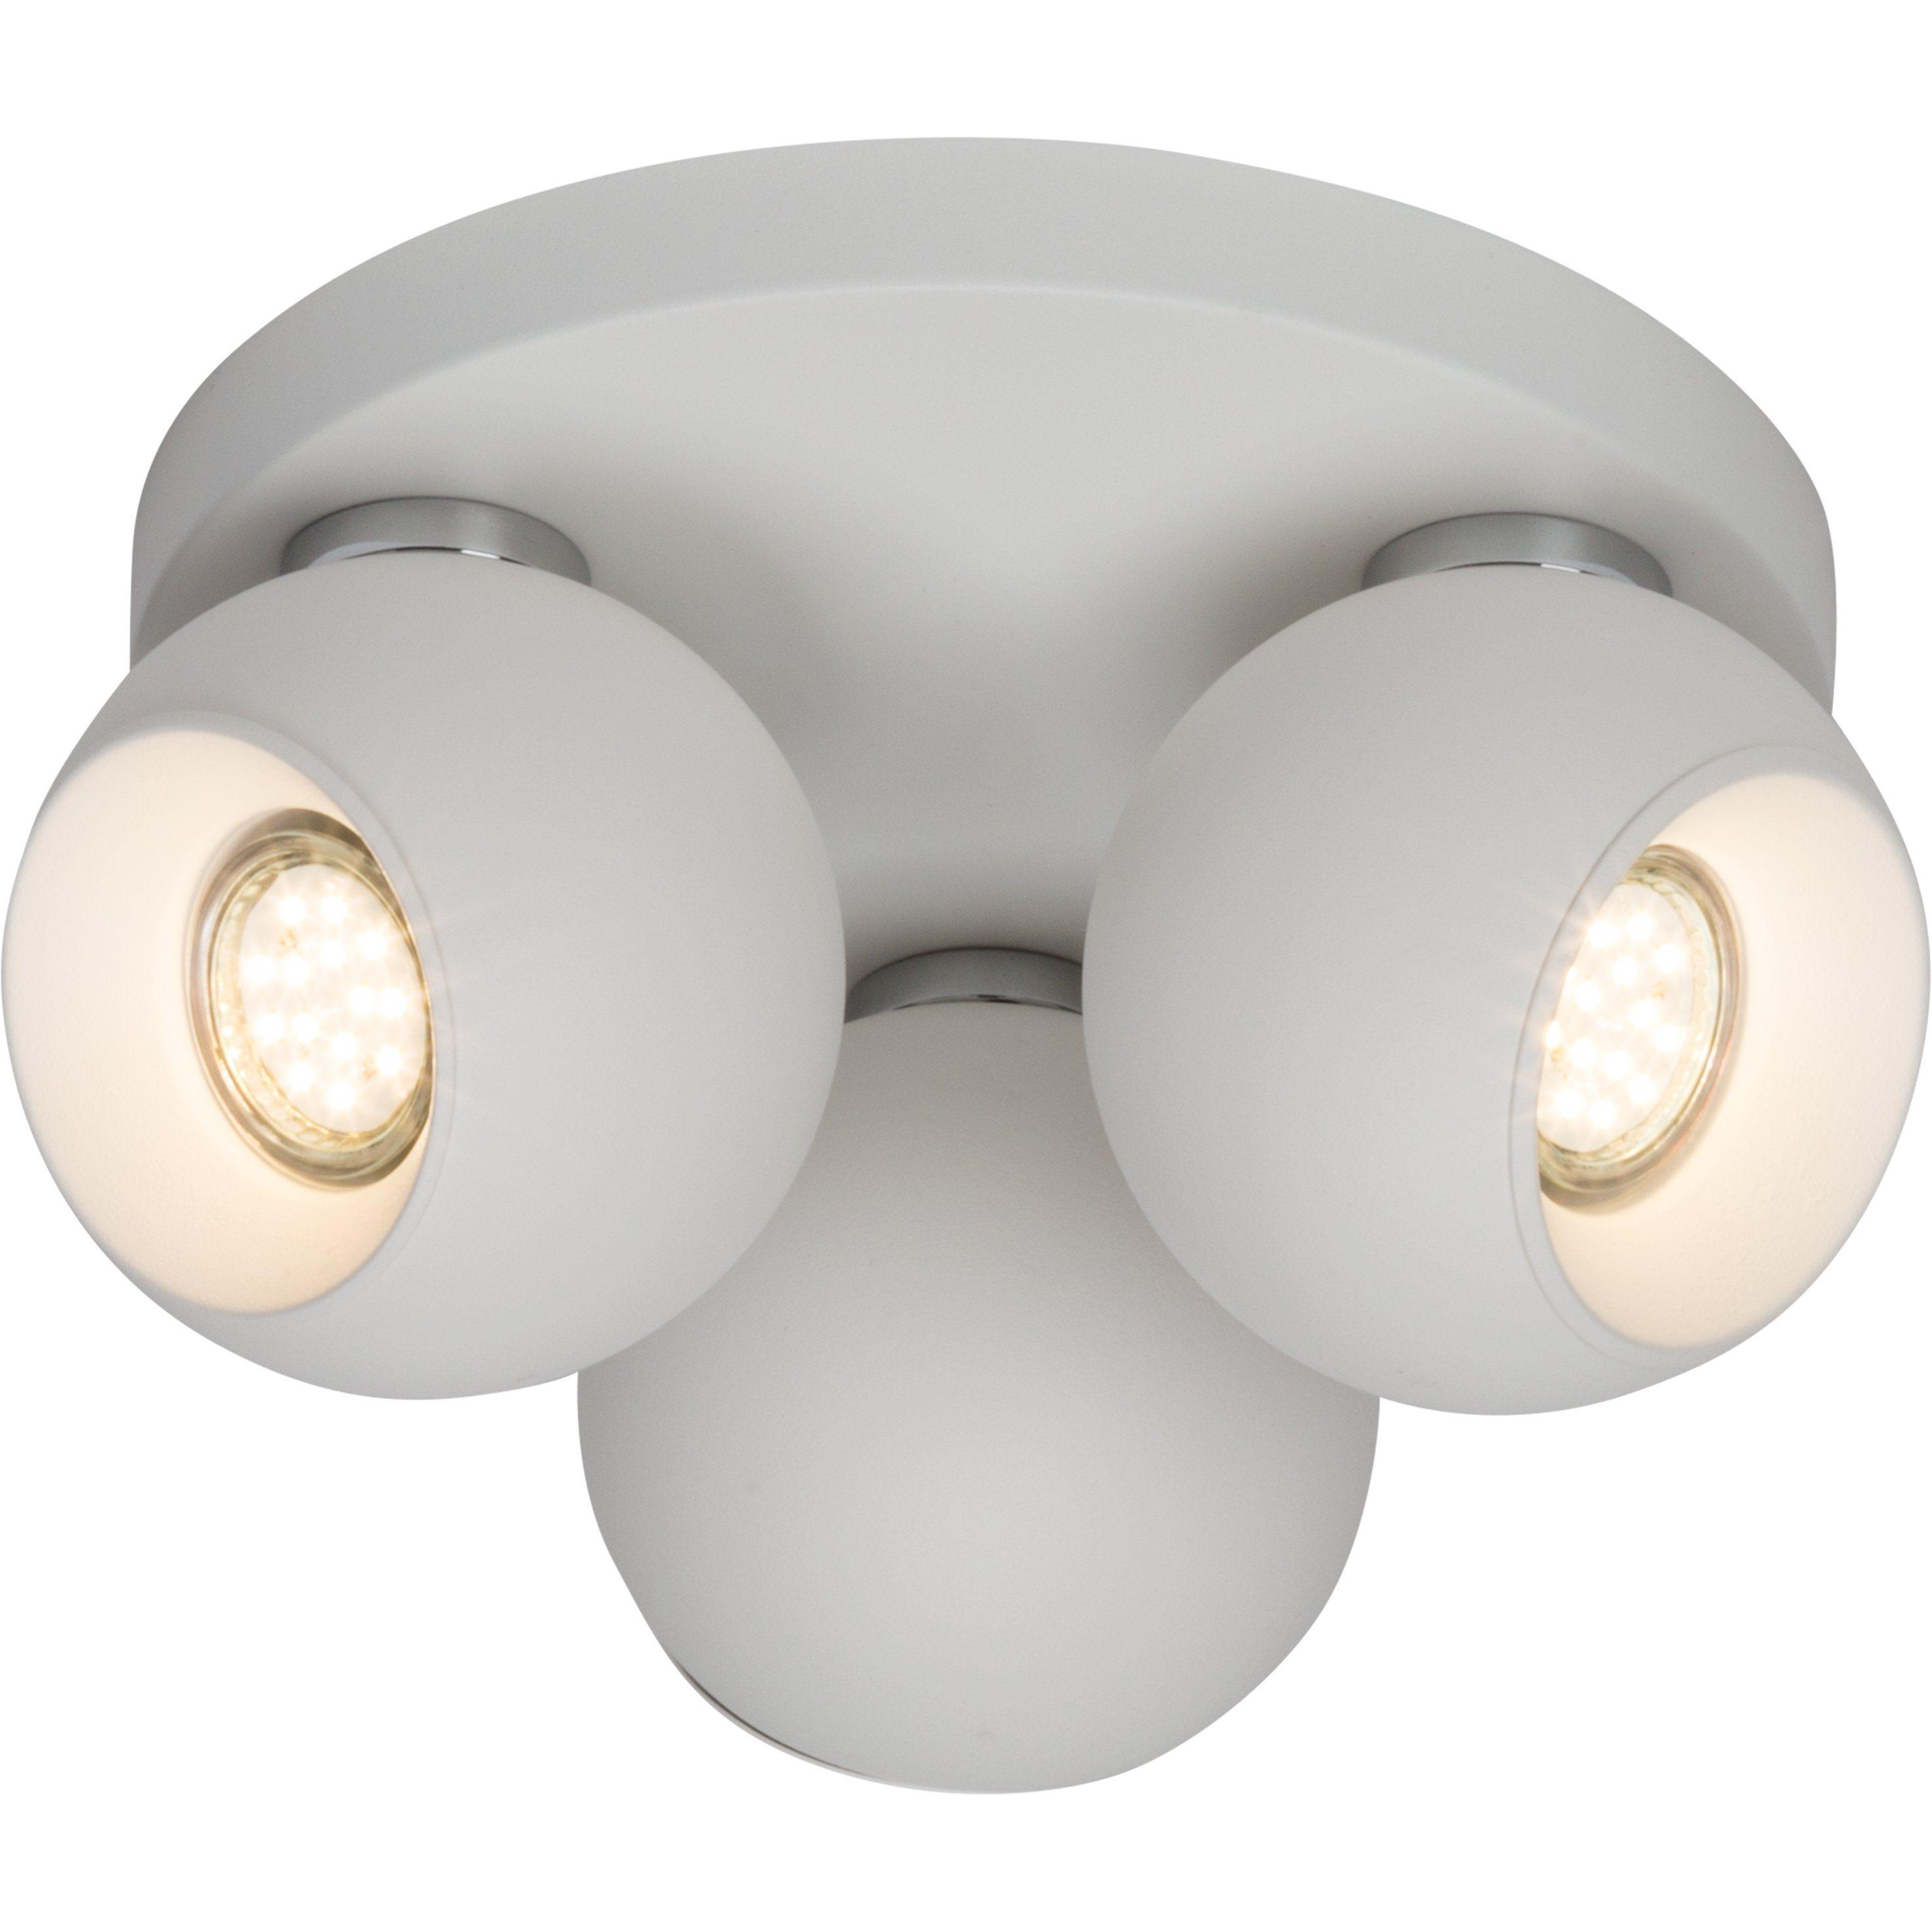 Brilliant Leuchten White Ball Spotrondell 3flg. weiß